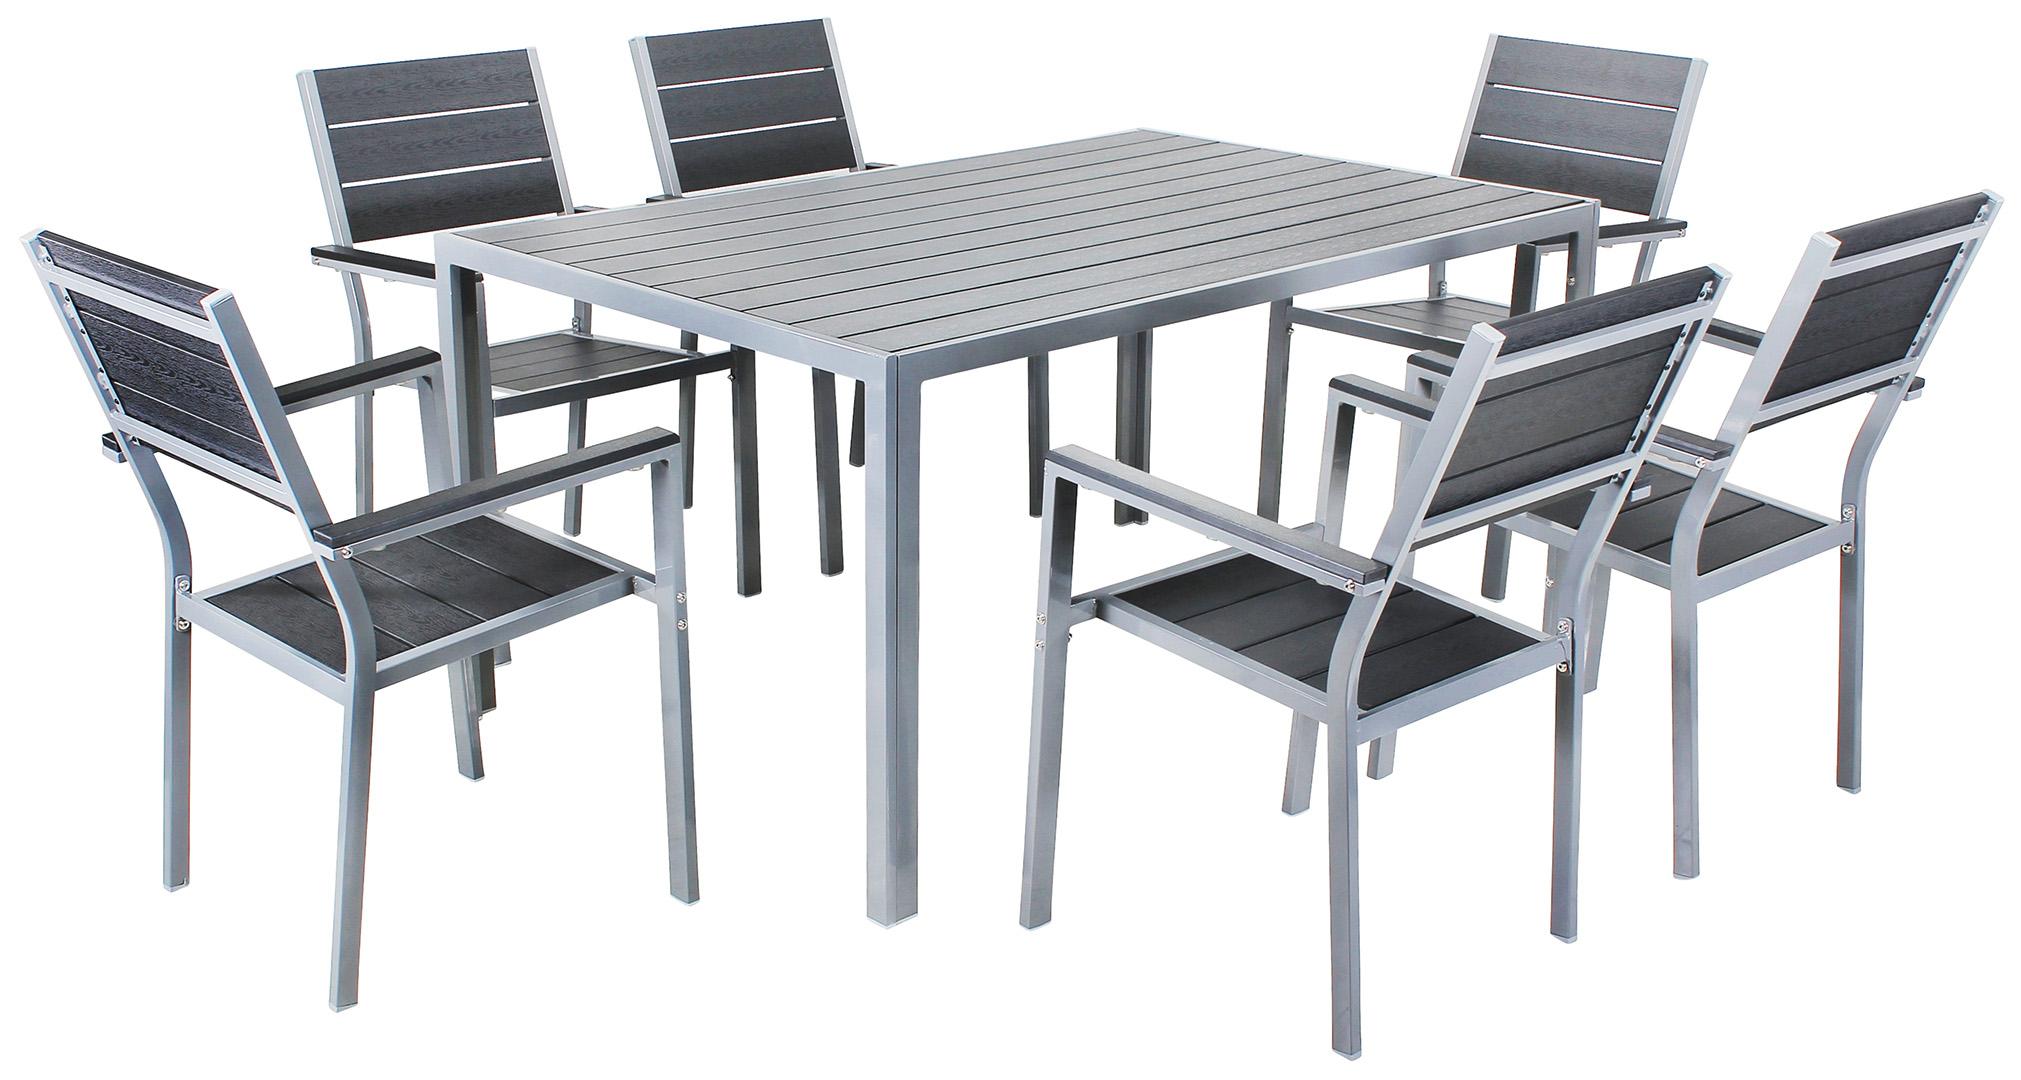 Aluminium sitzgruppen gartenm bel miweba miweba gmbh - Polywood gartenmobel ...